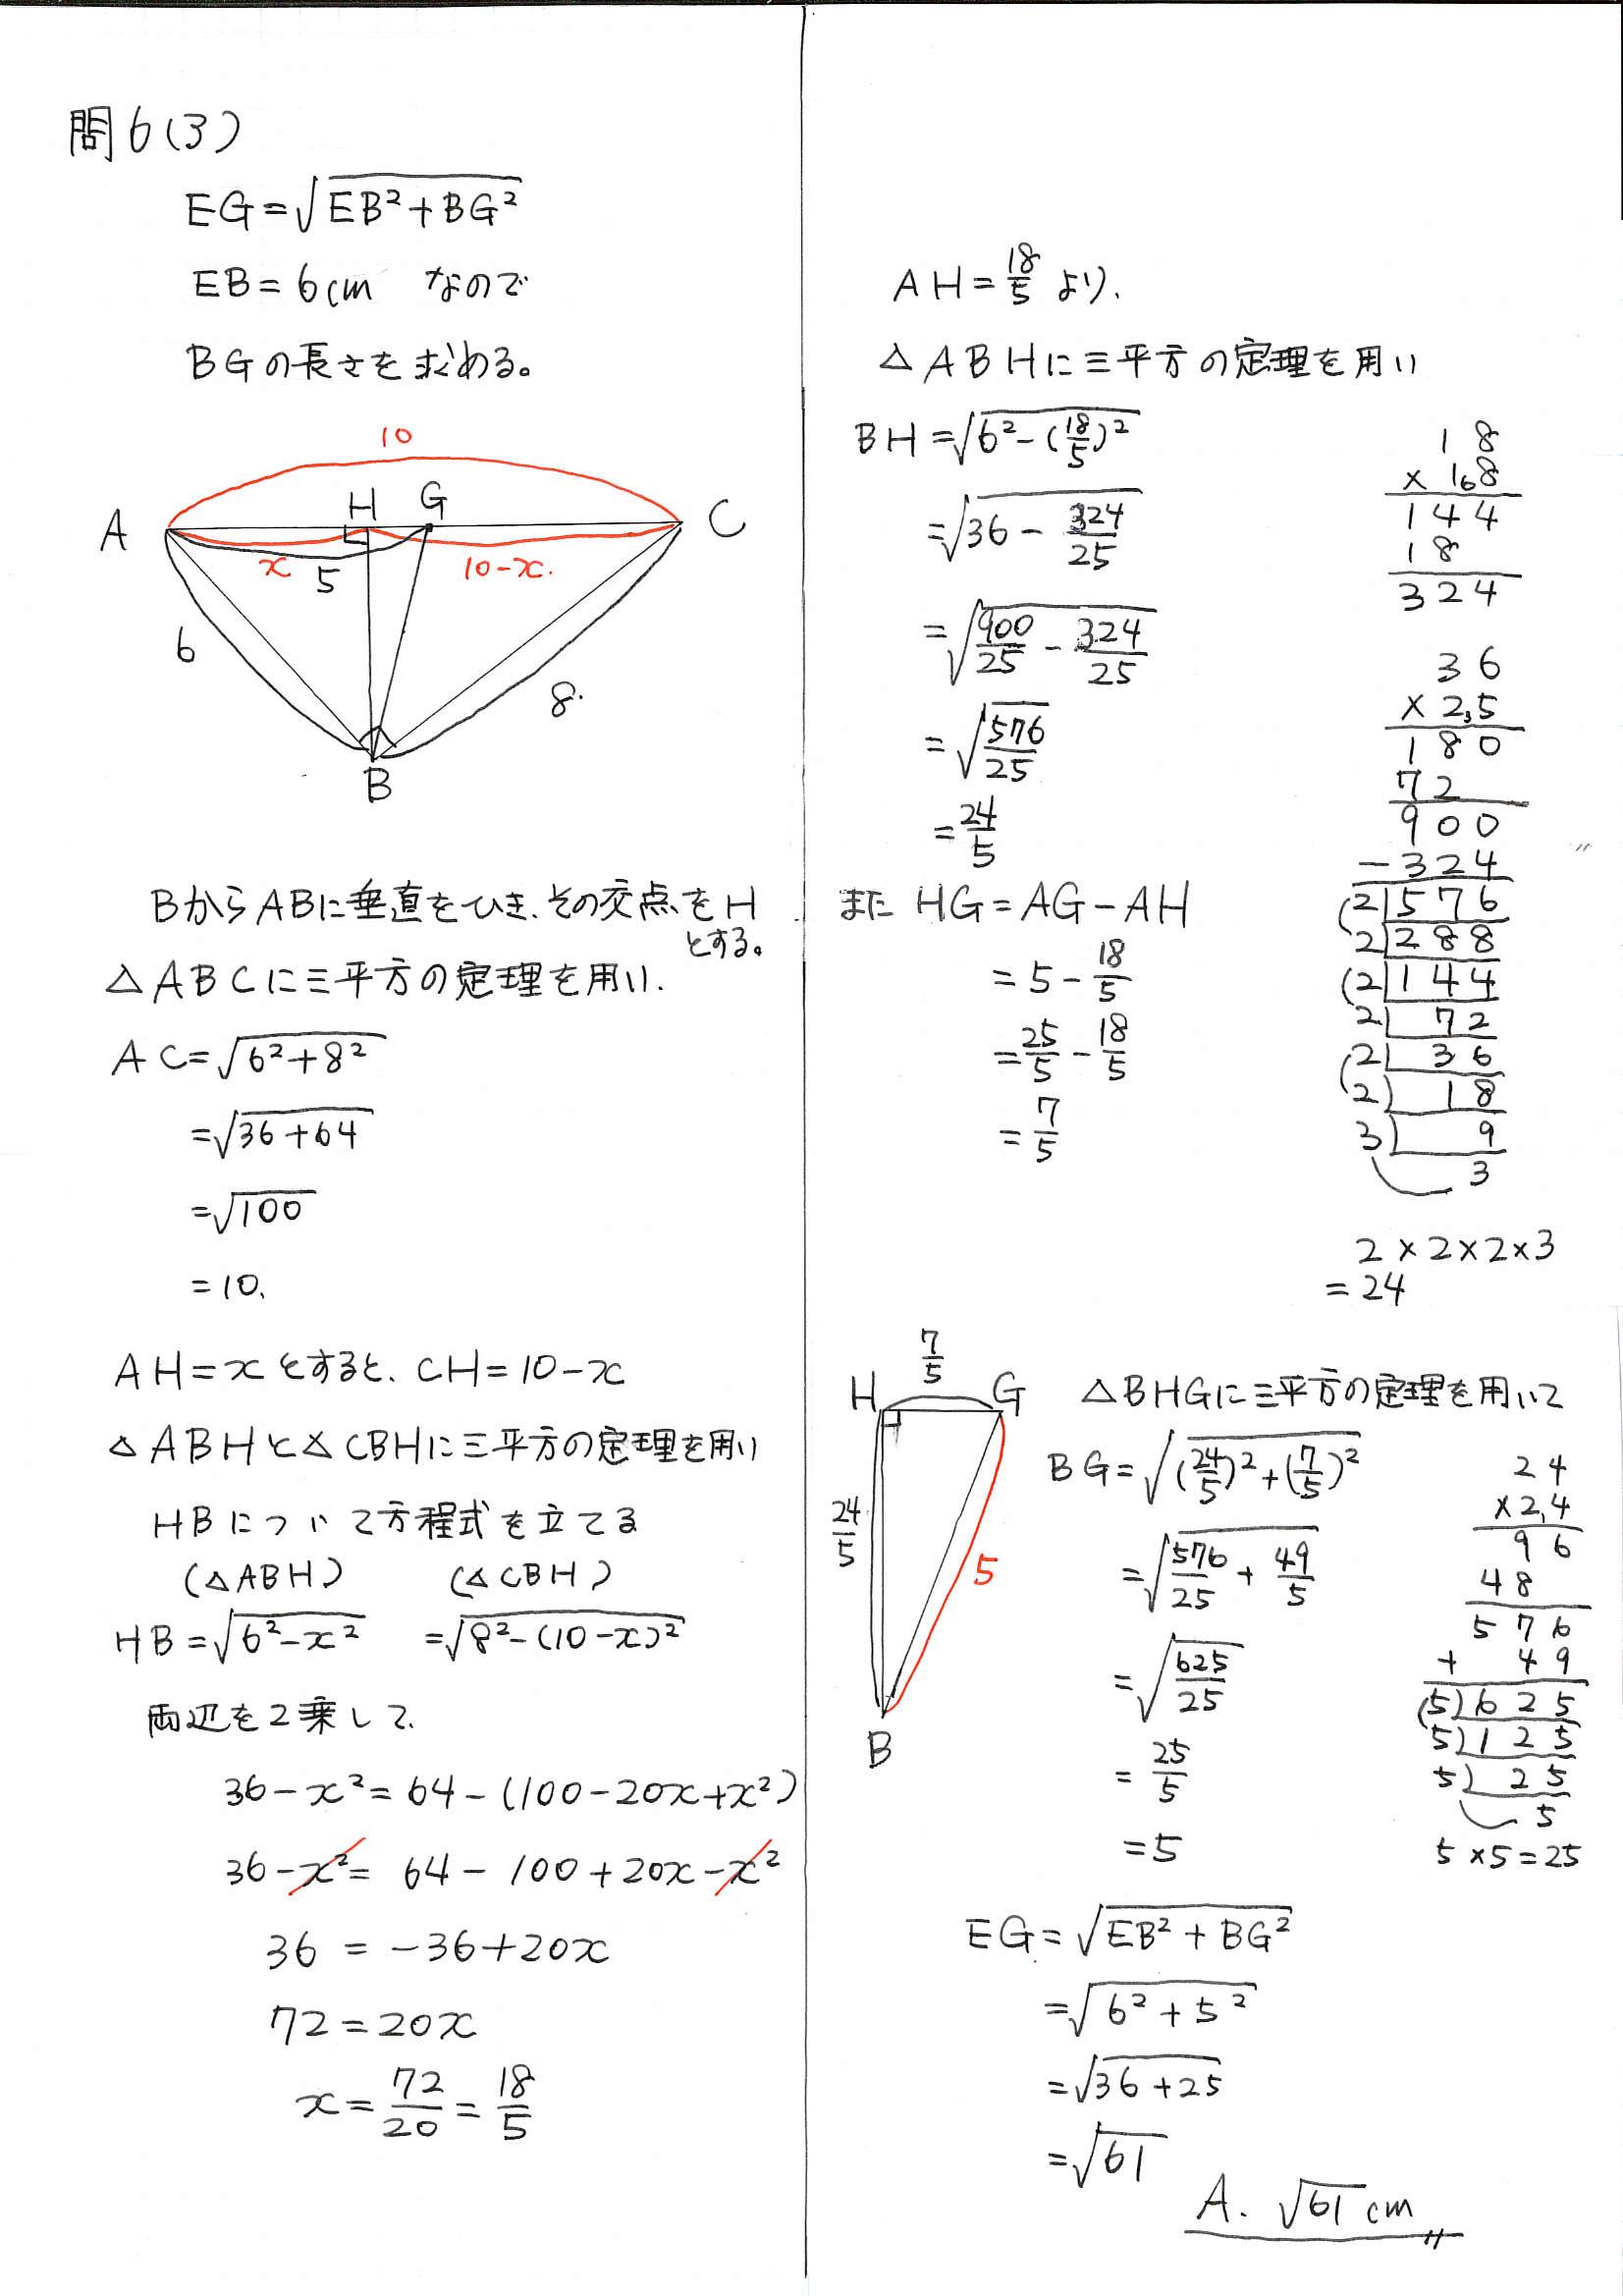 H24数学問6解法